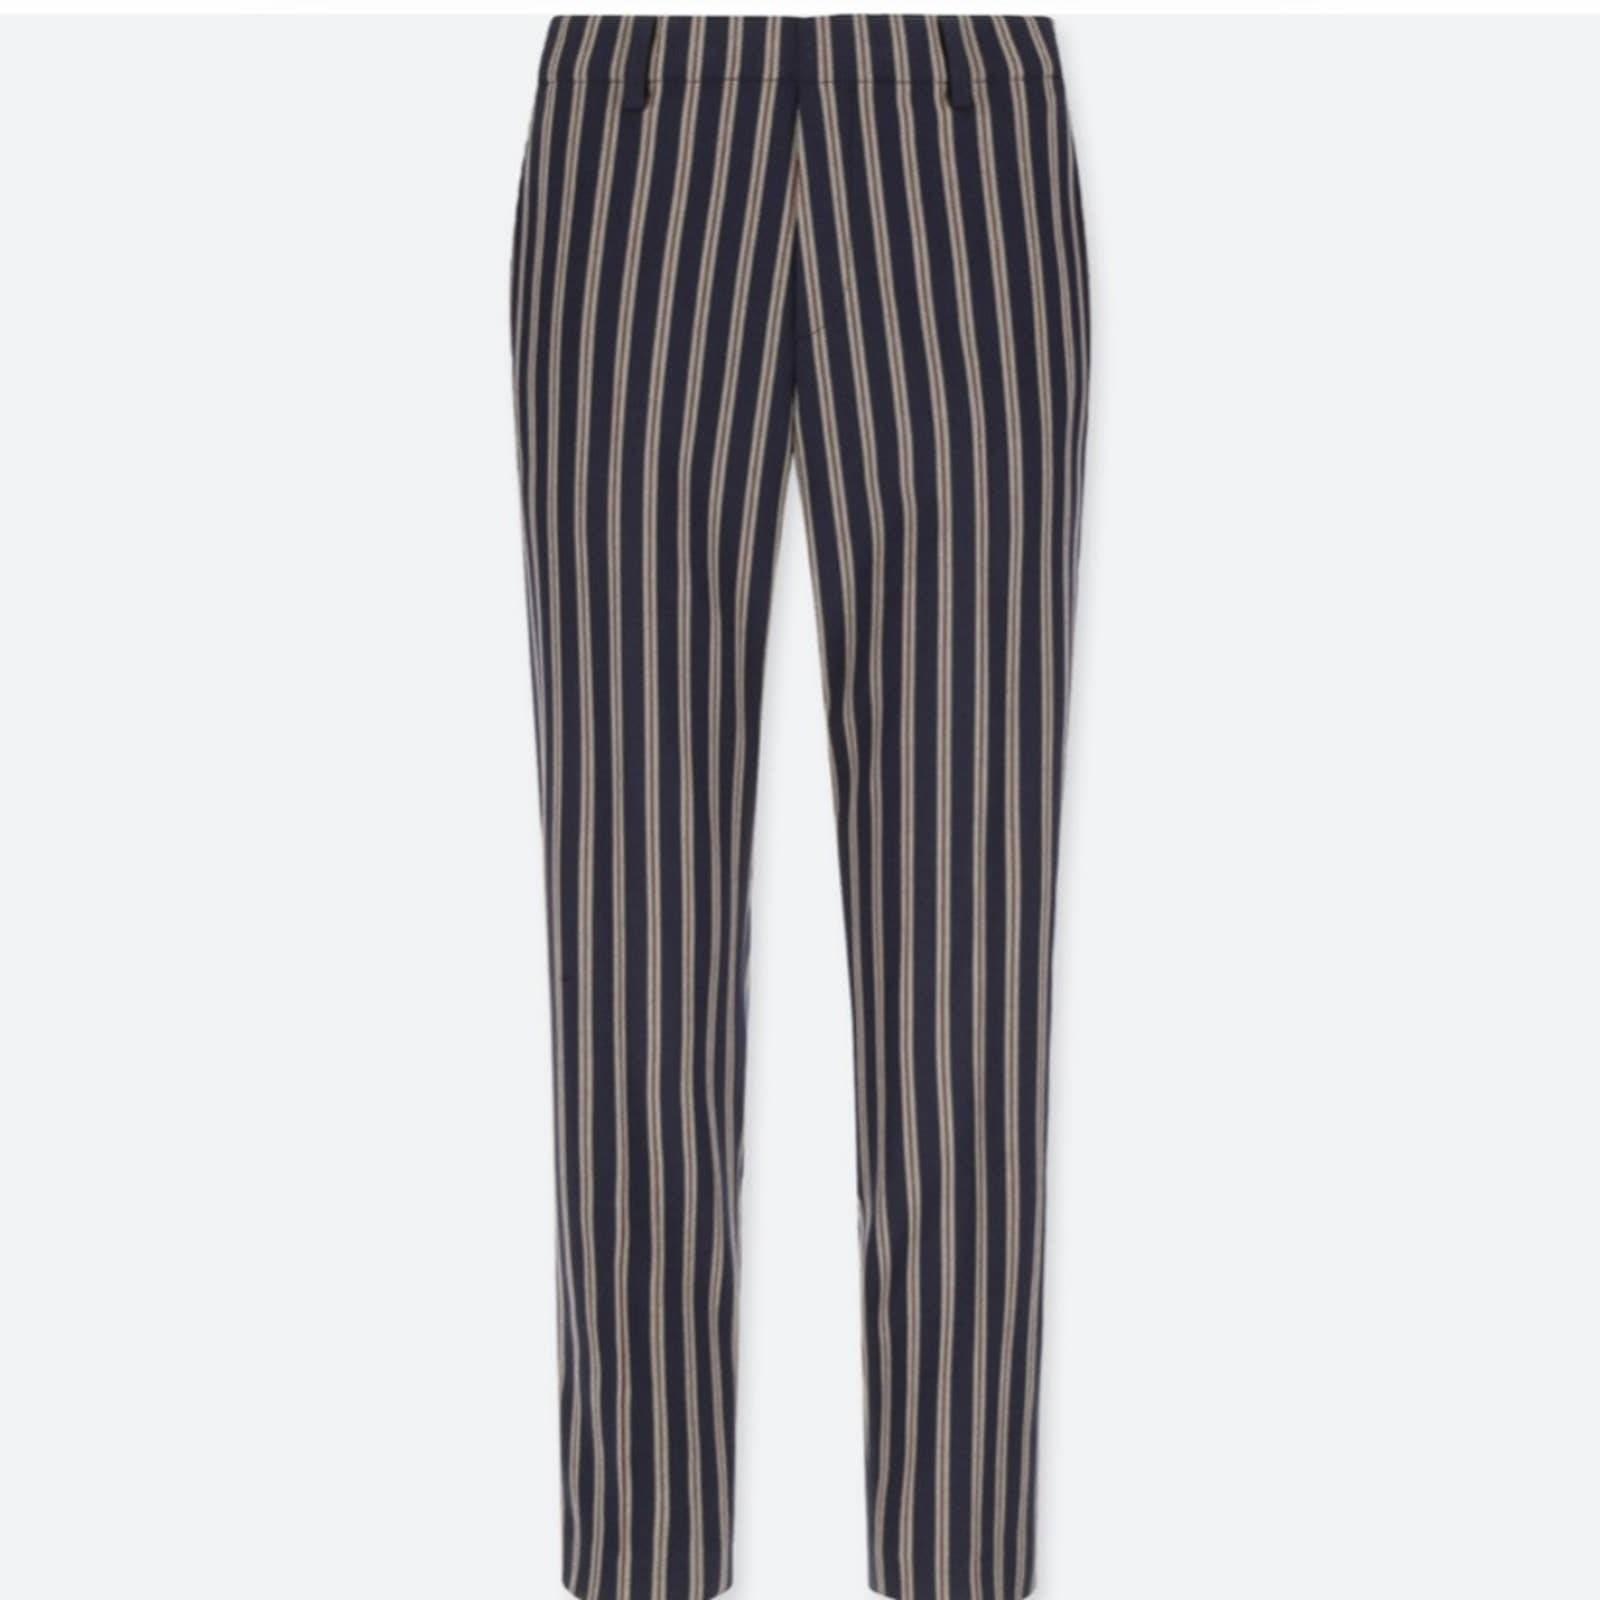 Uniqlo Striped EZY Ankle Pants 28x29